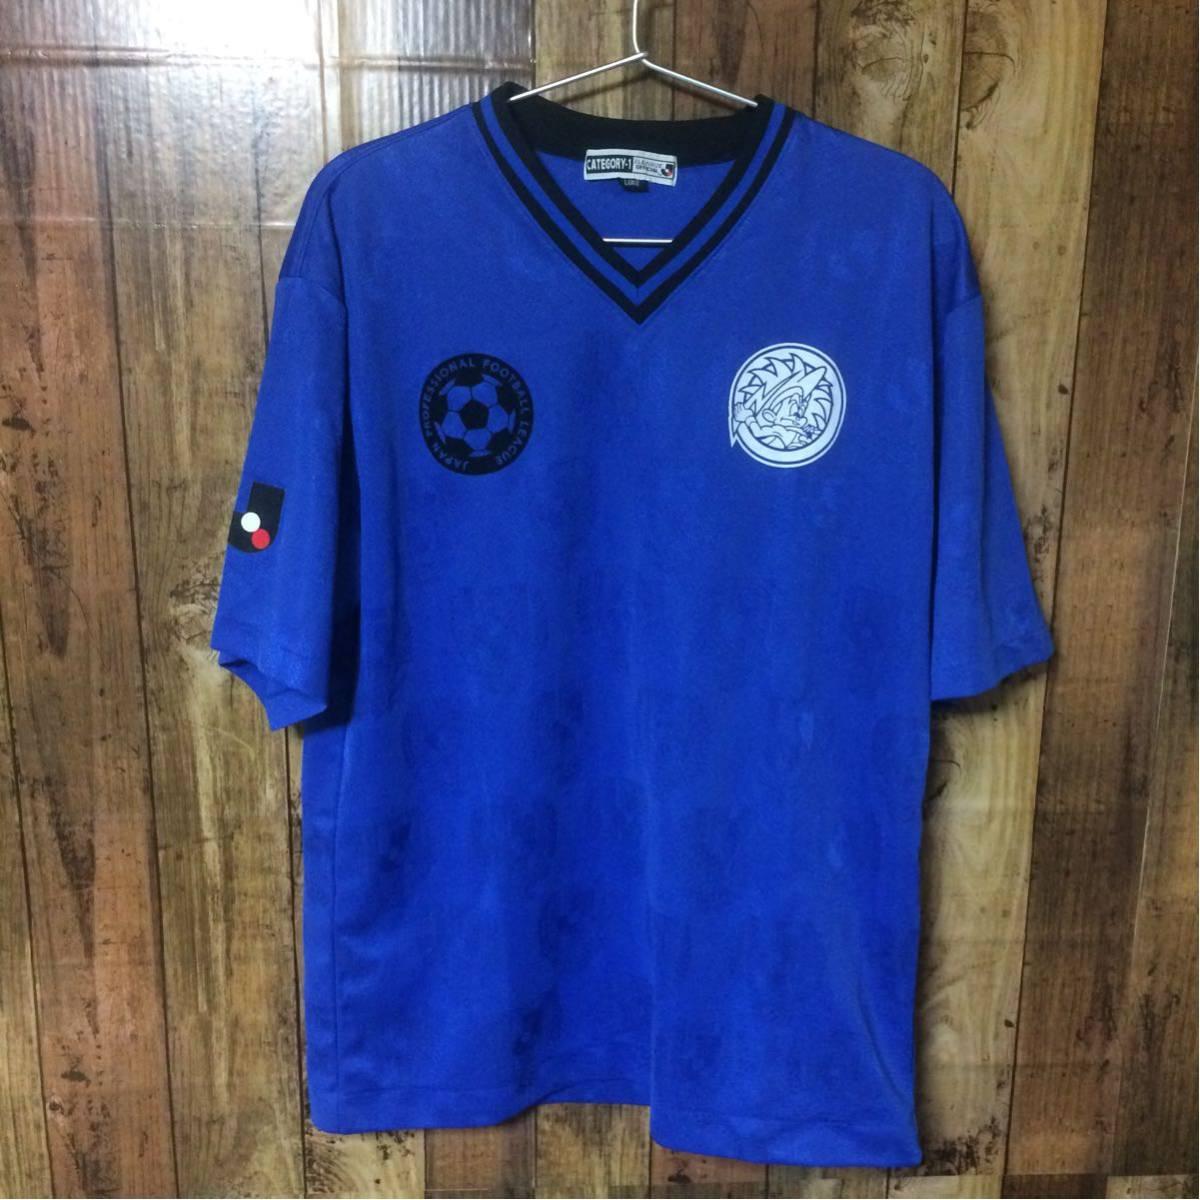 【コレクターアイテム】ガンバ大阪 Jリーグオフィシャル ユニフォーム Tシャツ Lサイズ_画像1